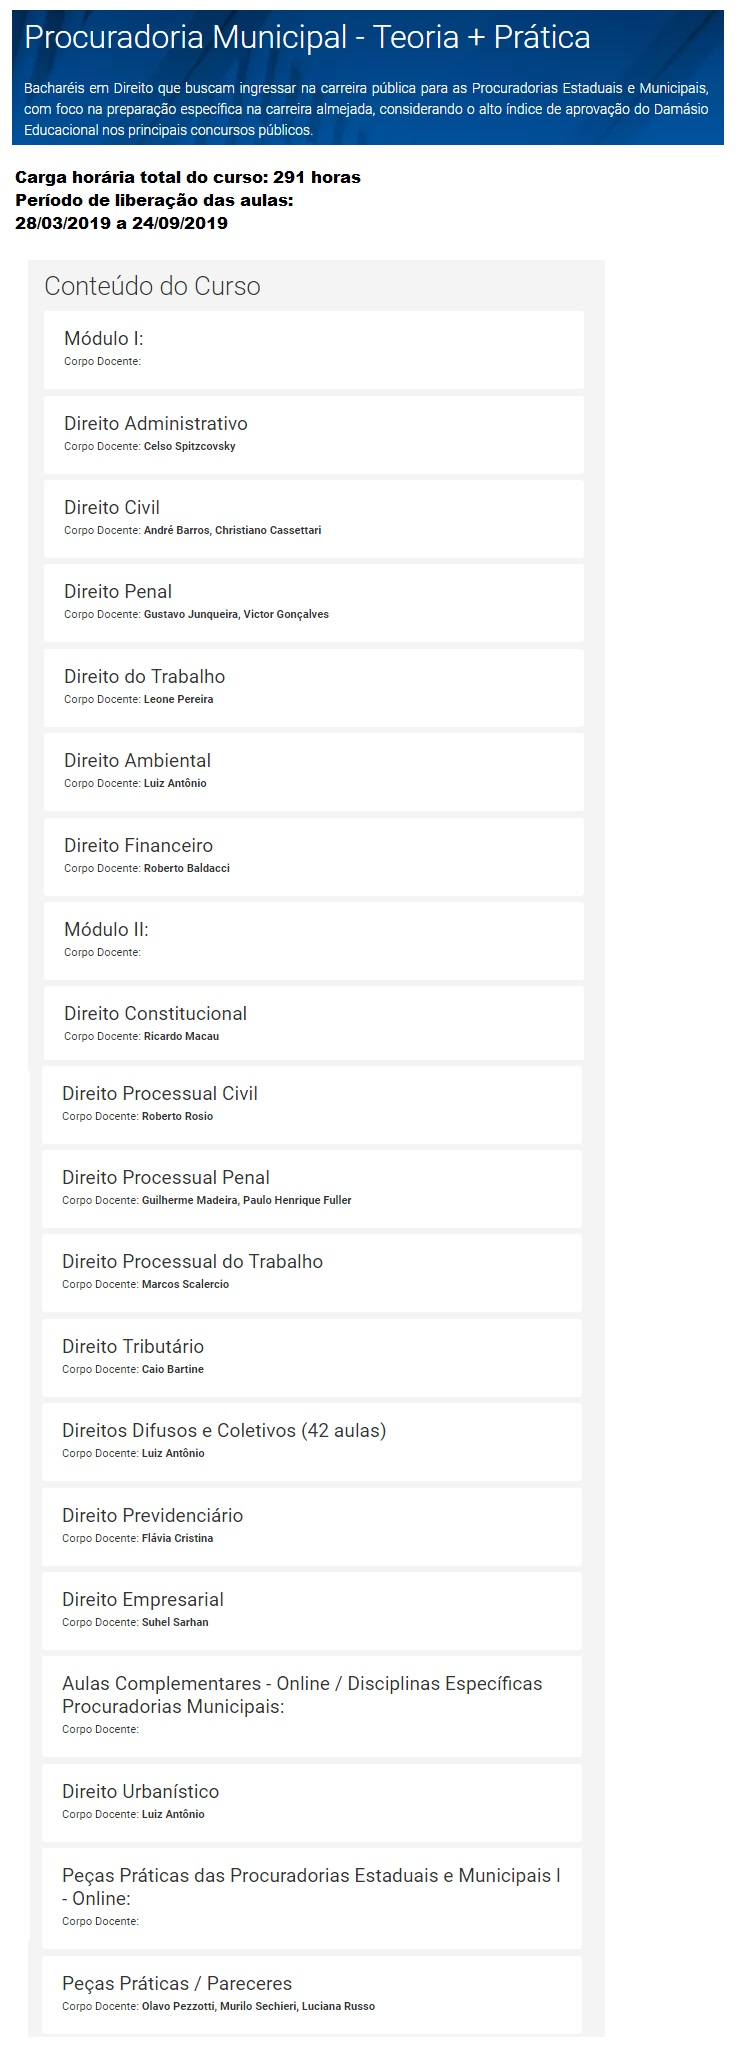 PGM - Procuradoria Geral Municipal - Teoria e Prática (Damásio 2019) 4